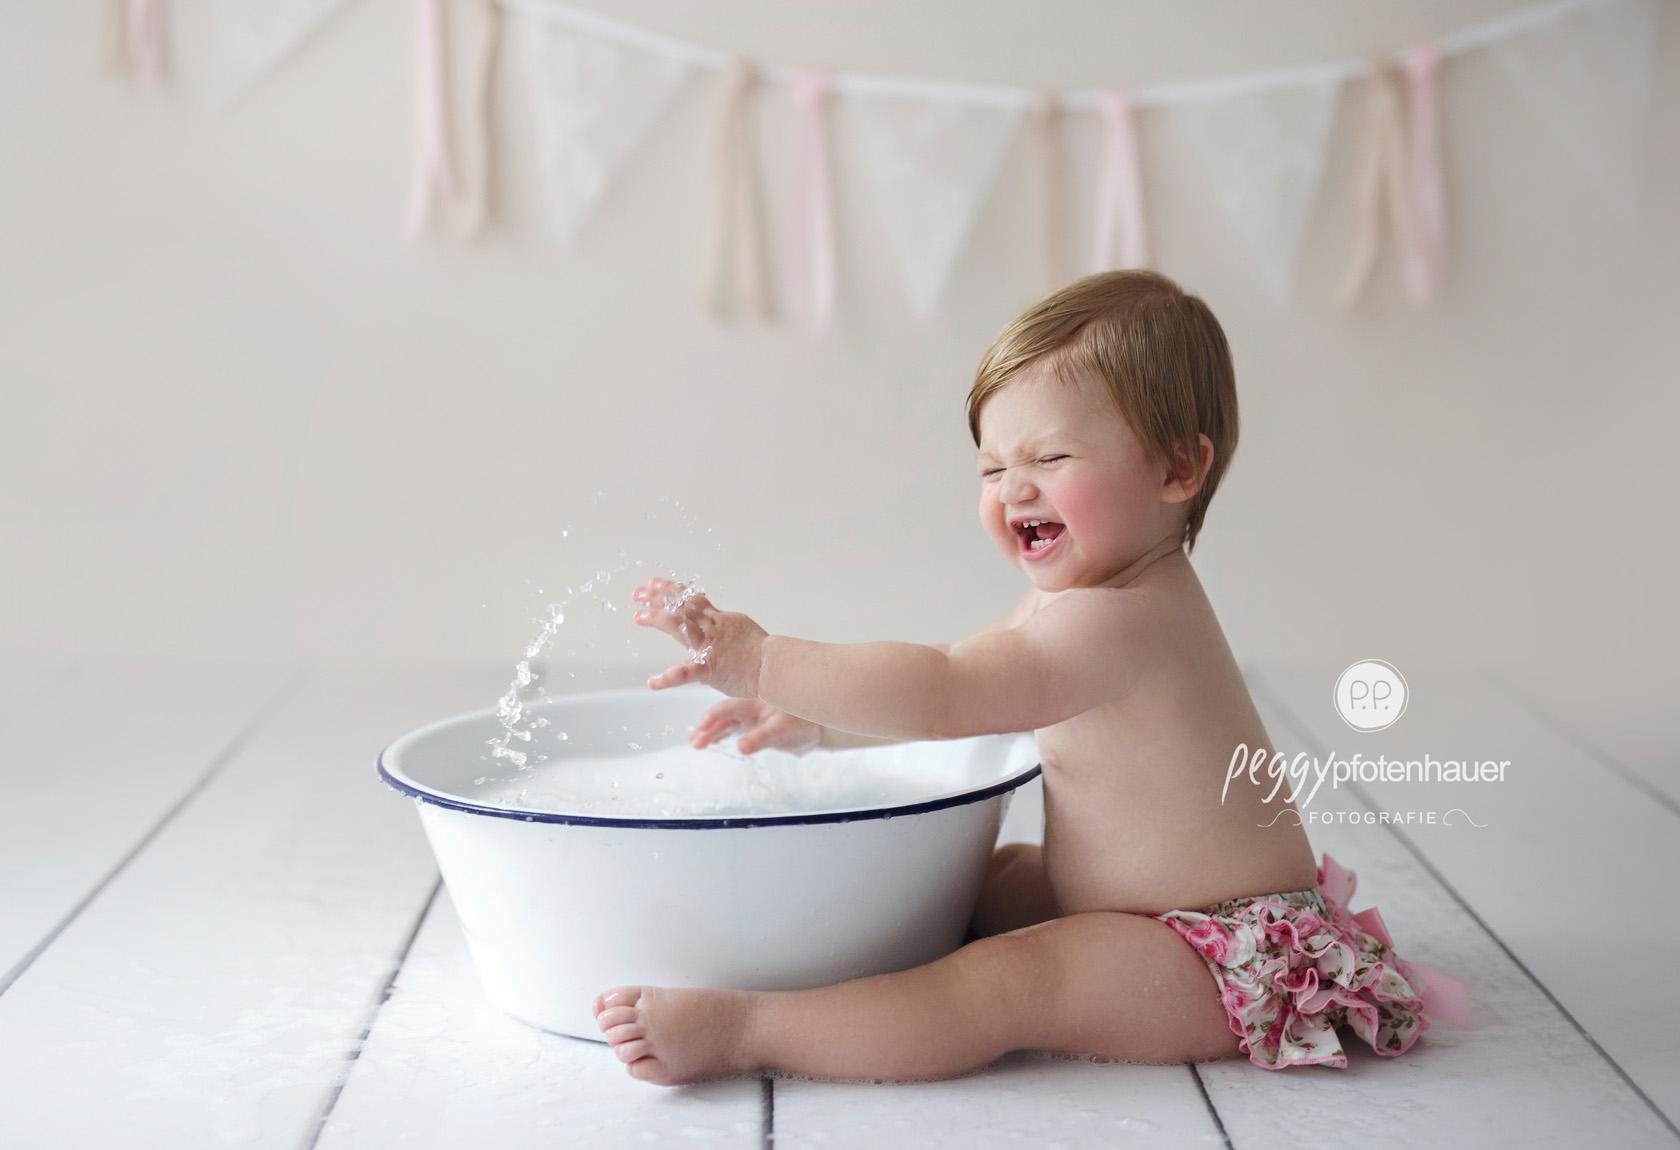 Babyfotograf Bamberg Peggy Pfotenhauer Fotografie